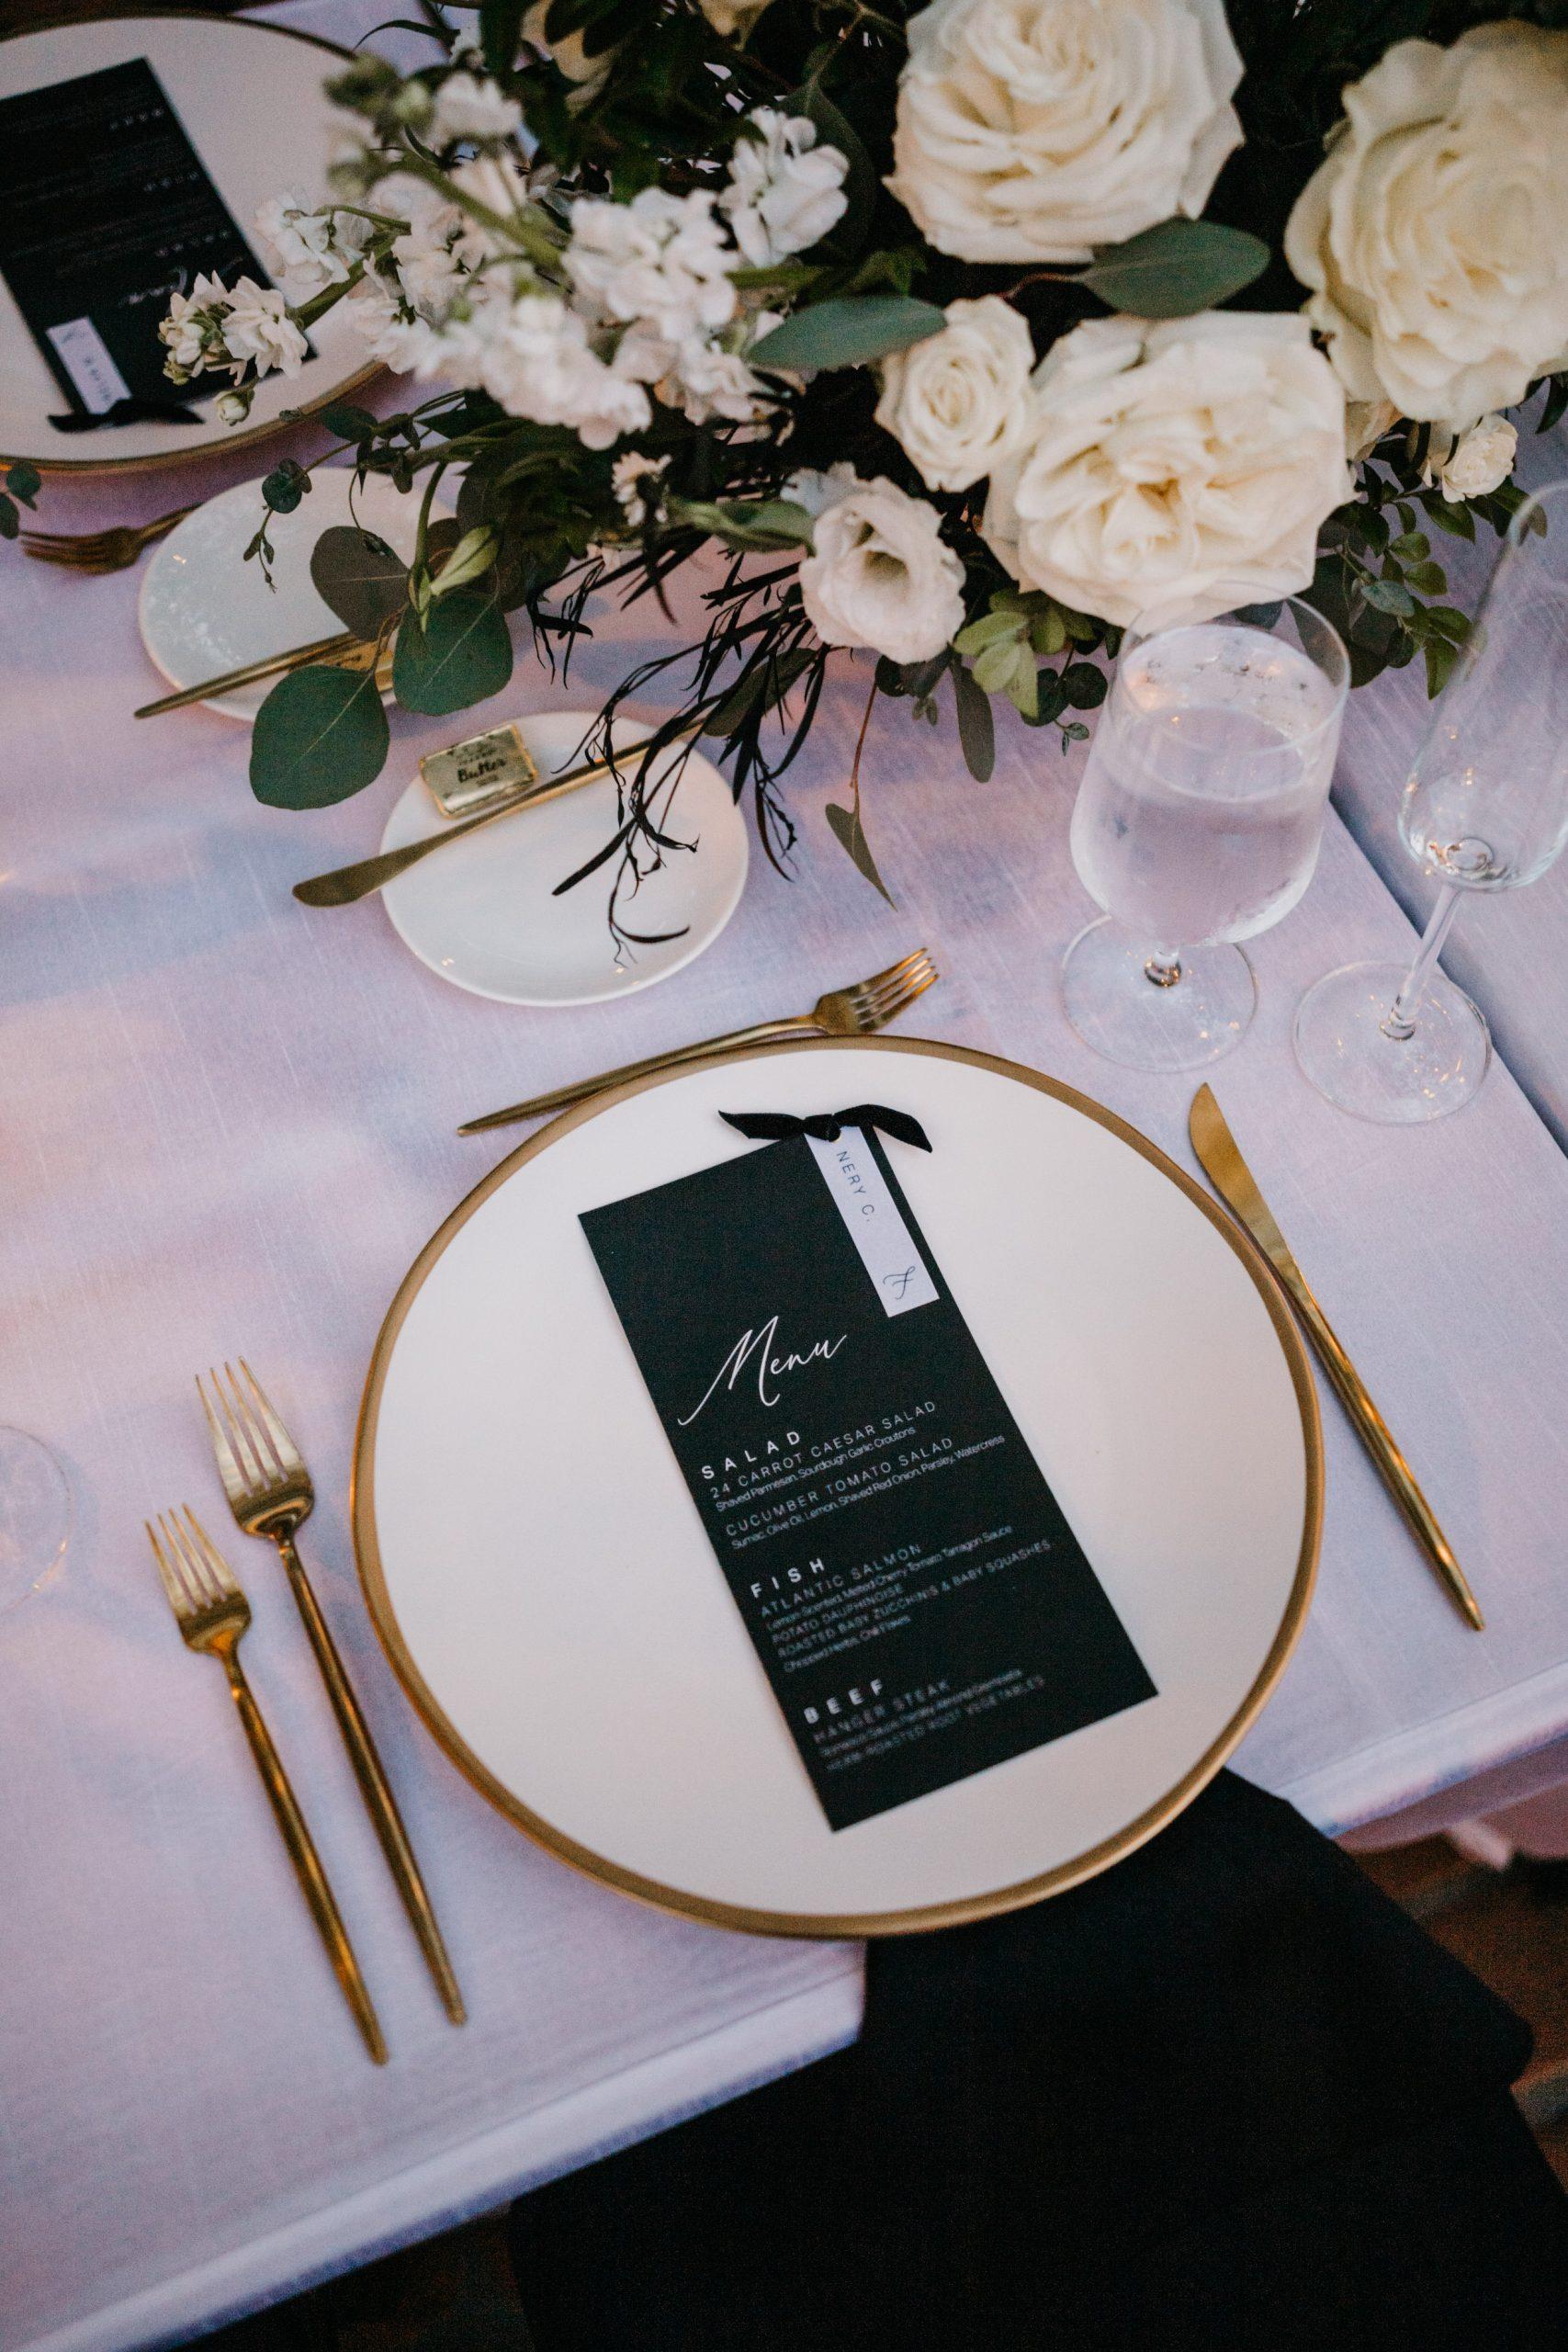 Rancho Las Lomas Wedding Reception Table Details, image by Fatima Elreda Photo